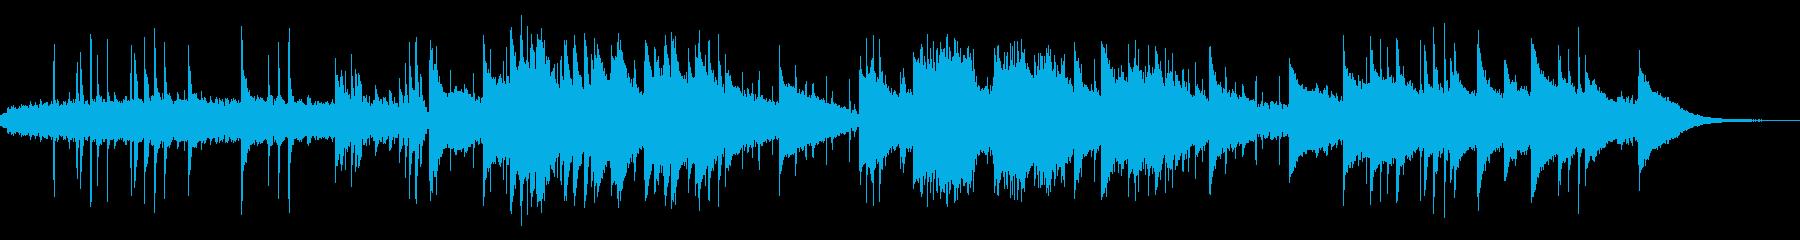 エレクトロニック 感情的 静か エ...の再生済みの波形